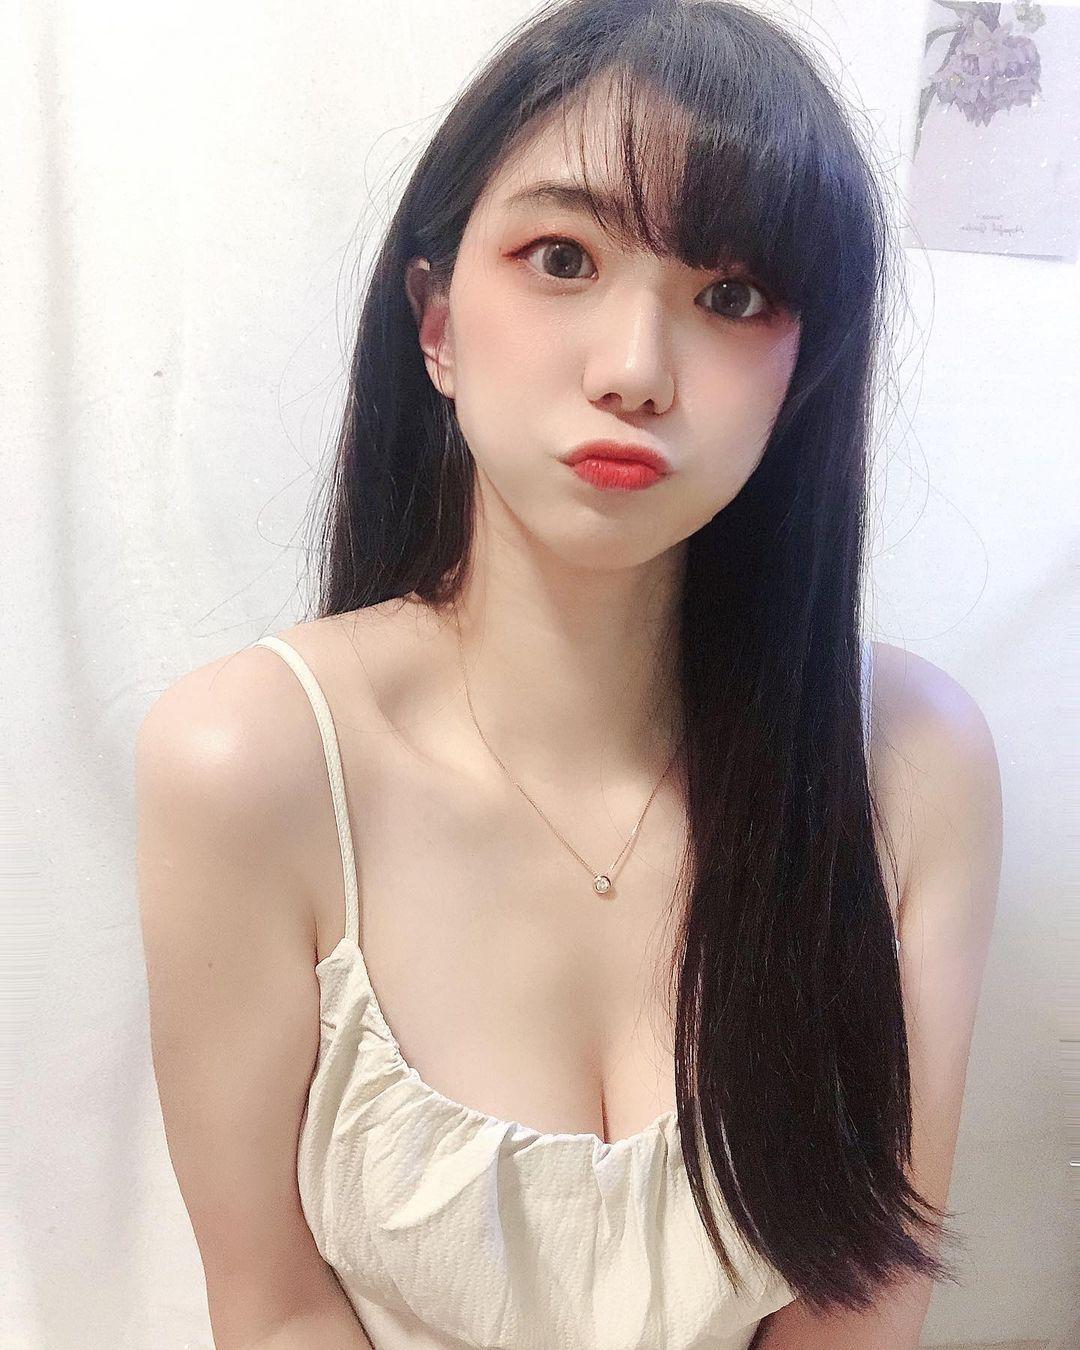 #_IG正妹週報@佳濃 - 美女圖 -